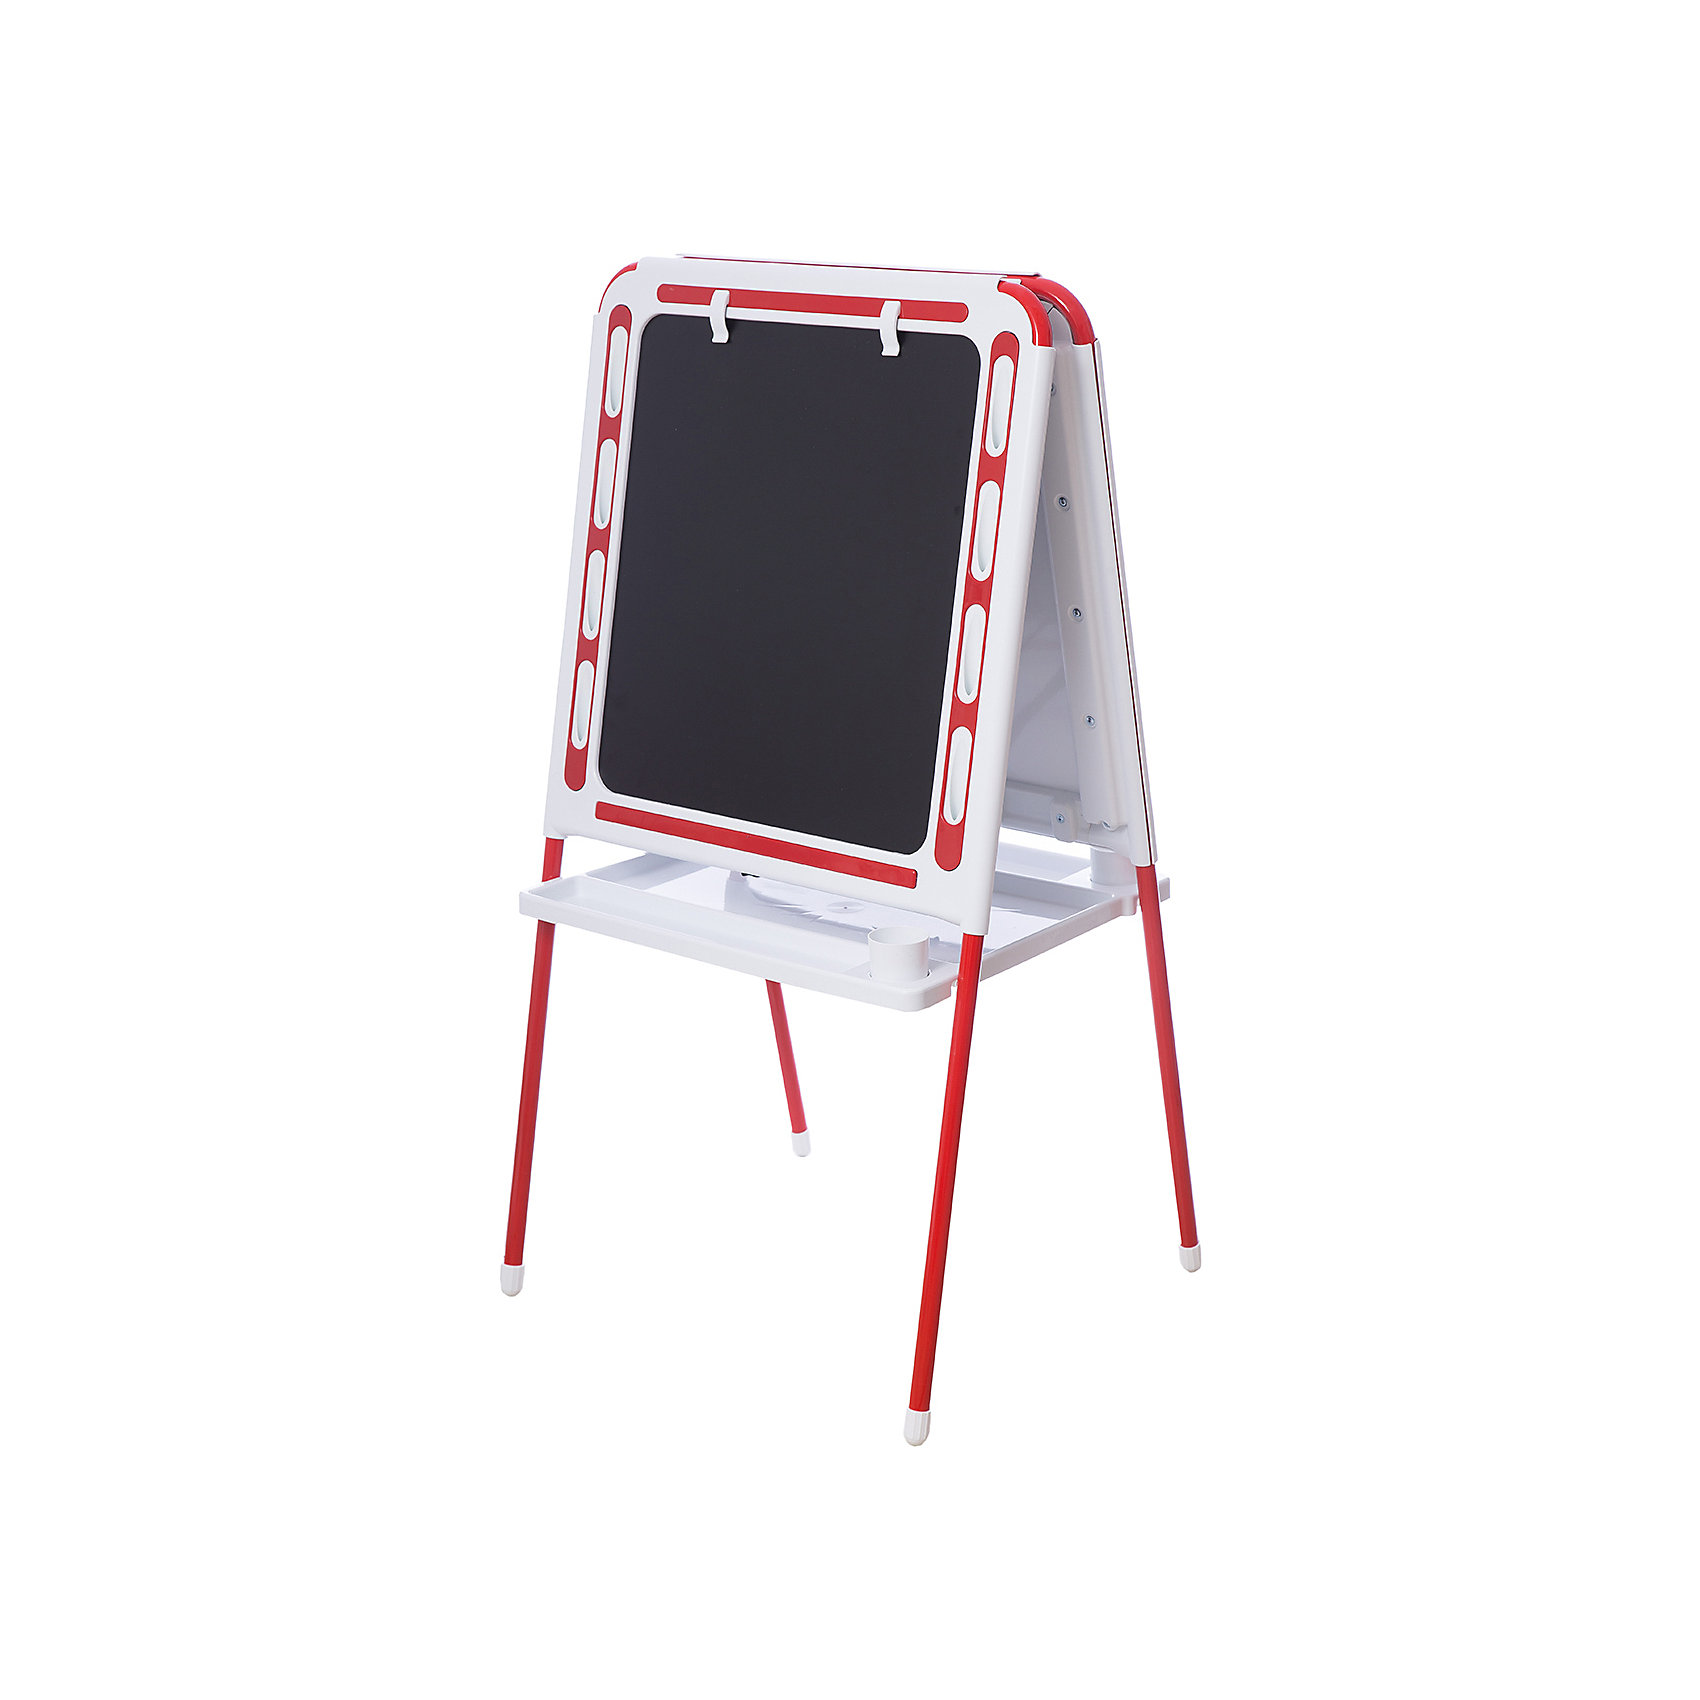 Красный мольбертКрасный мольберт – это мольберт с двумя рабочими поверхностями, предназначенный для детского творчества и развития.<br>Современный, функциональный и очень удобный мольберт - это универсальный уголок для рисования и обучения у вас дома. Двойная доска устанавливается «домиком» прямо на пол и не требует дополнительных креплений. На металлических ножках – пластмассовые заглушки. Мольберт спроектирован особым образом: он может  использоваться двумя детьми одновременно. С обеих сторон мольберта есть удобные зажимы для бумаги. В комплект входят два стаканчика для рисования, большая полка для альбомов и красок. Мольберт подходит для работы красками, мелом, карандашами и маркерами. Юный художник по достоинству оценит удобные пазы-подставки для канцелярских принадлежностей, расположенные прямо на рамке мольберта, слева и справа от его рабочей поверхности. Углы мольберта скруглены для снижения травматичности ребенка.<br><br>Дополнительная информация:<br><br>- В комплекте: мольберт, два стаканчика для рисования, полка<br>- Цвет: белый, красный<br>- Материал: пластик, металл<br>- Размер: 100,5х48 см.<br>- Размер упаковки: 112х55х70 см.<br>- Вес: 14,2 кг.<br><br>Красный мольберт можно купить в нашем интернет-магазине.<br><br>Ширина мм: 1220<br>Глубина мм: 650<br>Высота мм: 110<br>Вес г: 14200<br>Возраст от месяцев: -2147483648<br>Возраст до месяцев: 2147483647<br>Пол: Унисекс<br>Возраст: Детский<br>SKU: 4589686